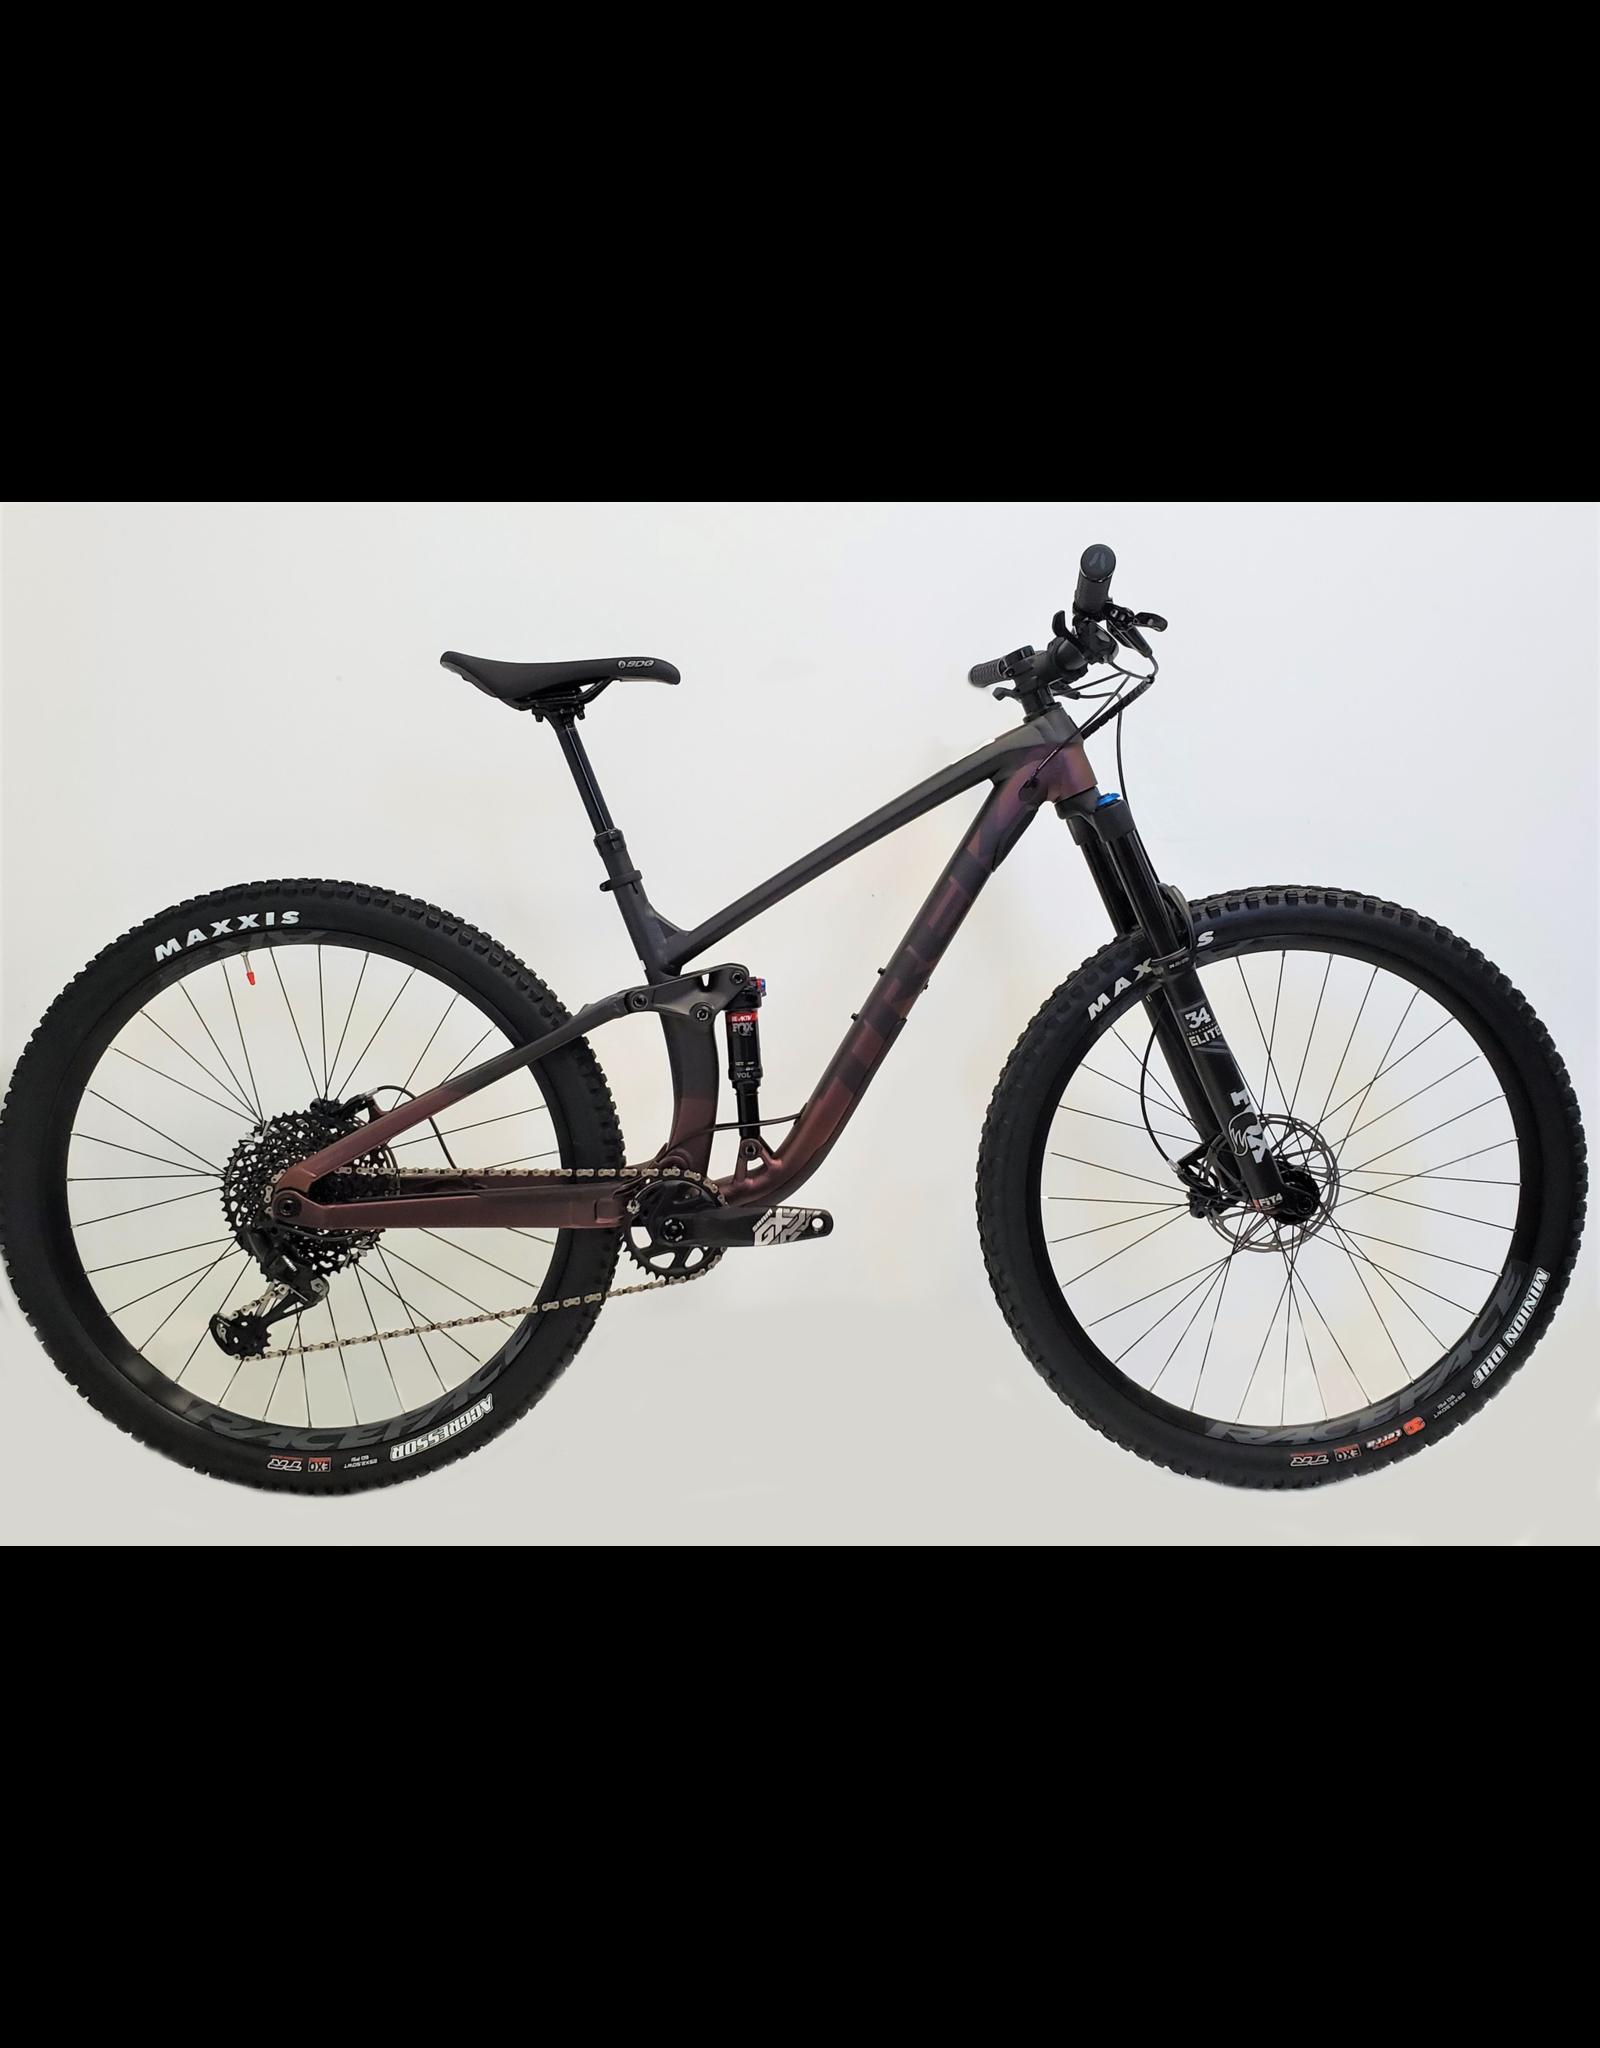 TREK 2020 Trek Fuel EX 29 Alu - Custom Build - Large